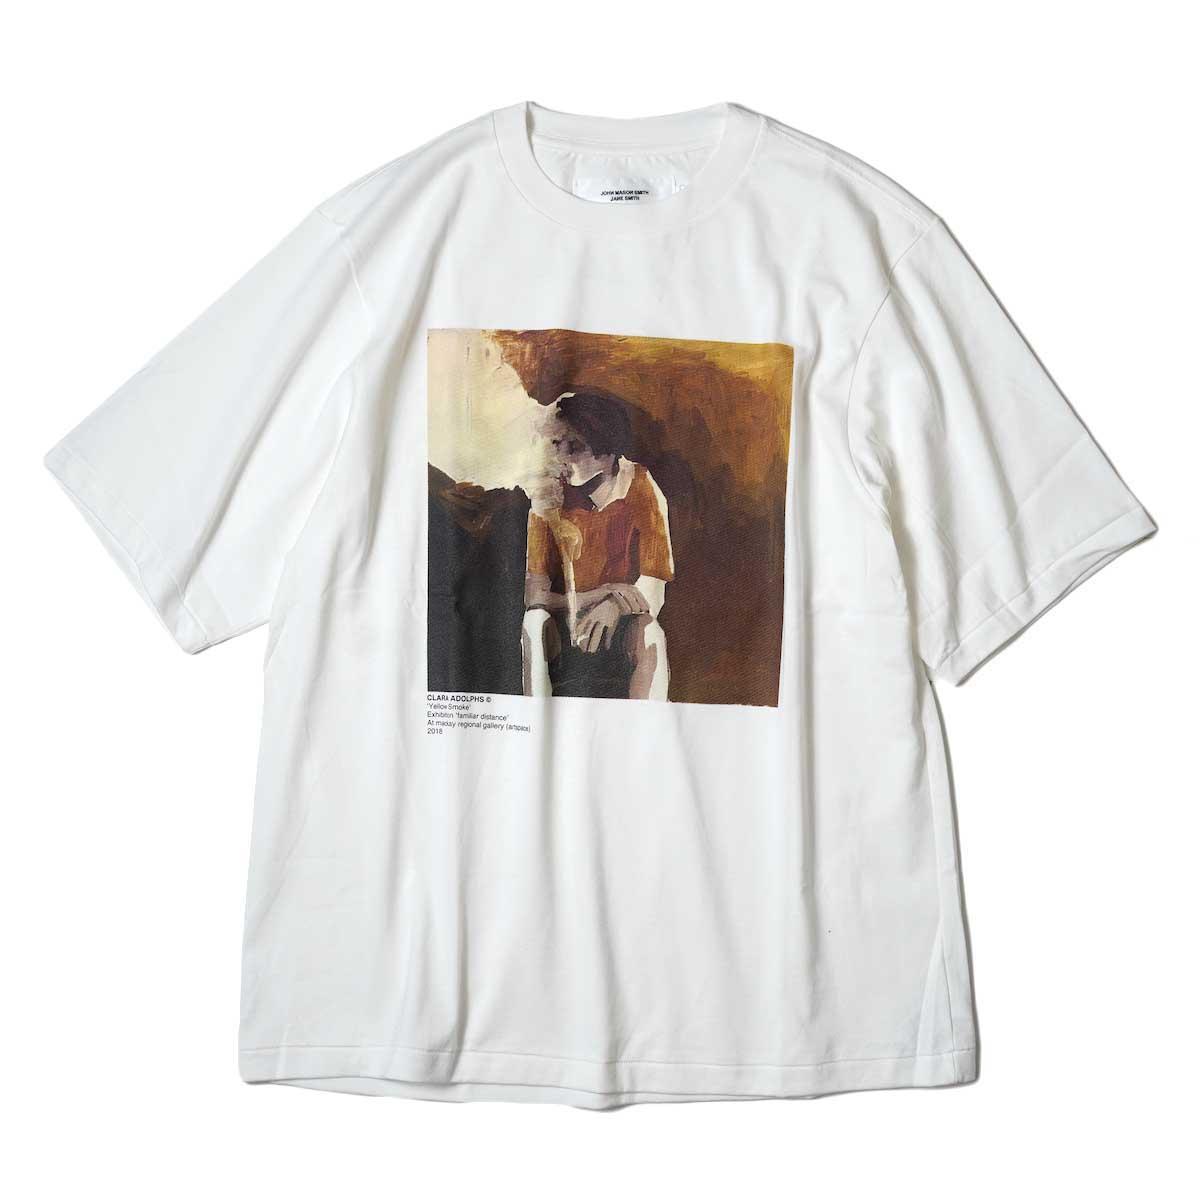 JANE SMITH / YELLOW SMOKE SHORT S/S T-Shirt (White)